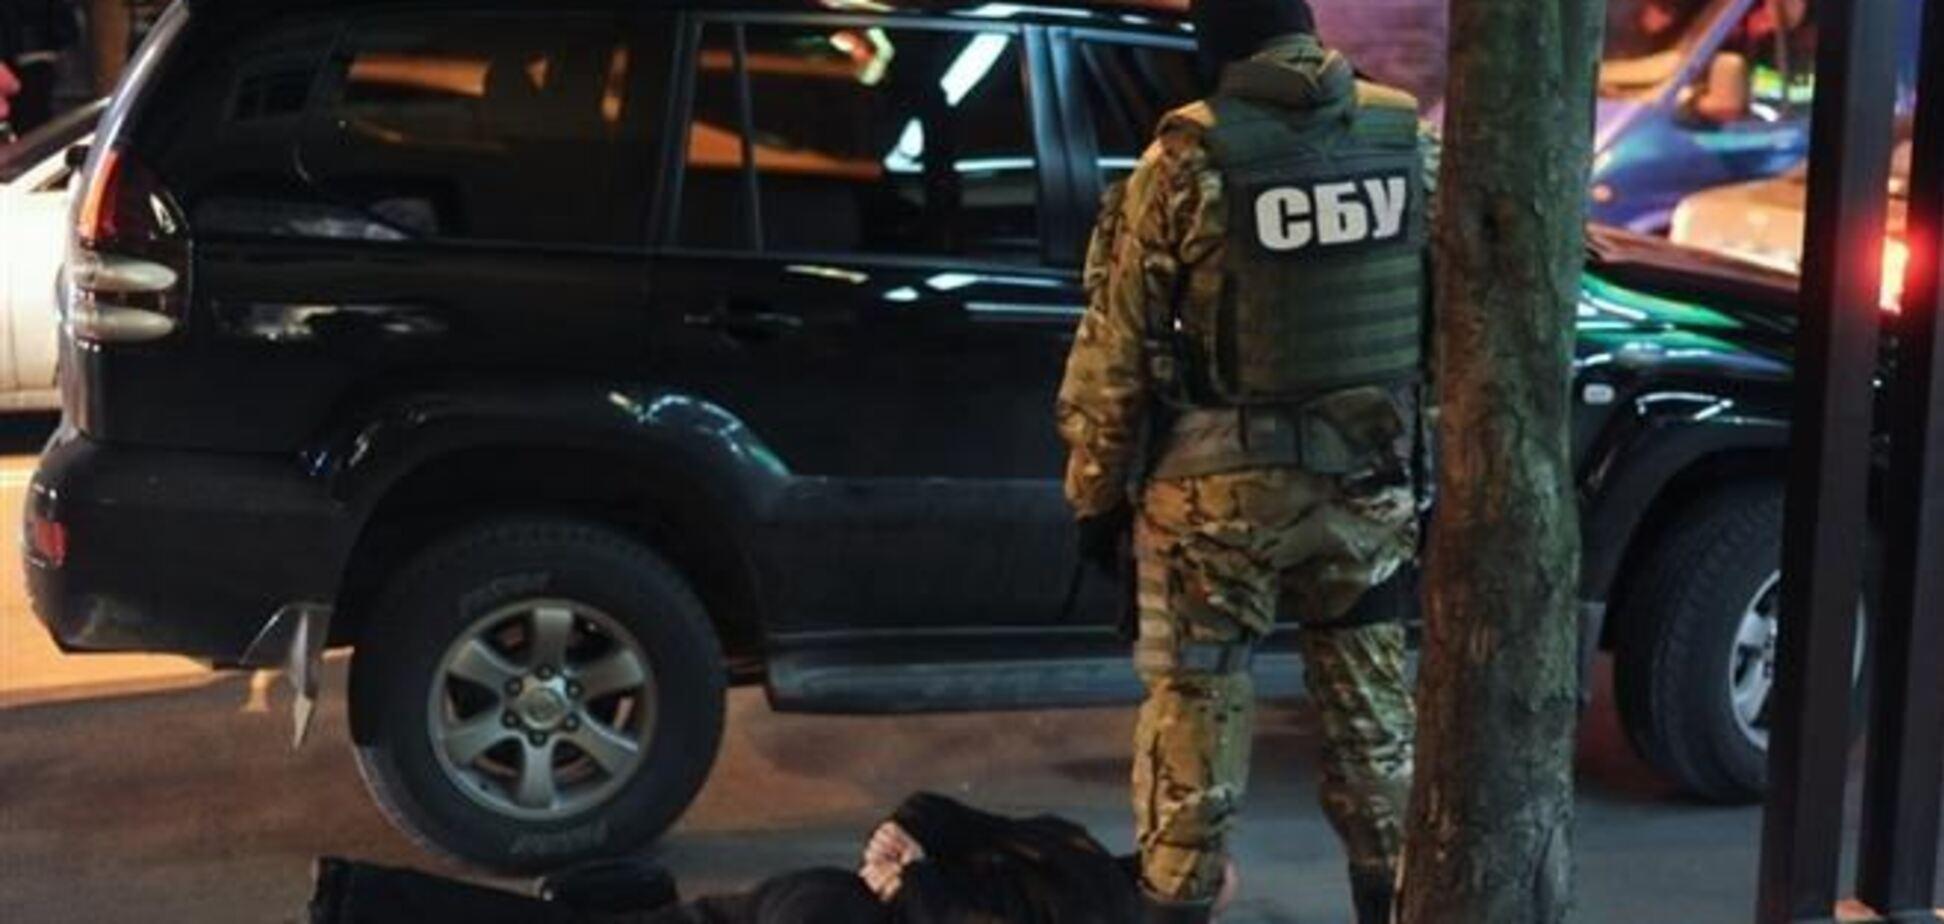 СБУ задержала соучредителя запорожского предприятия, который 'заказал' своего конкурента